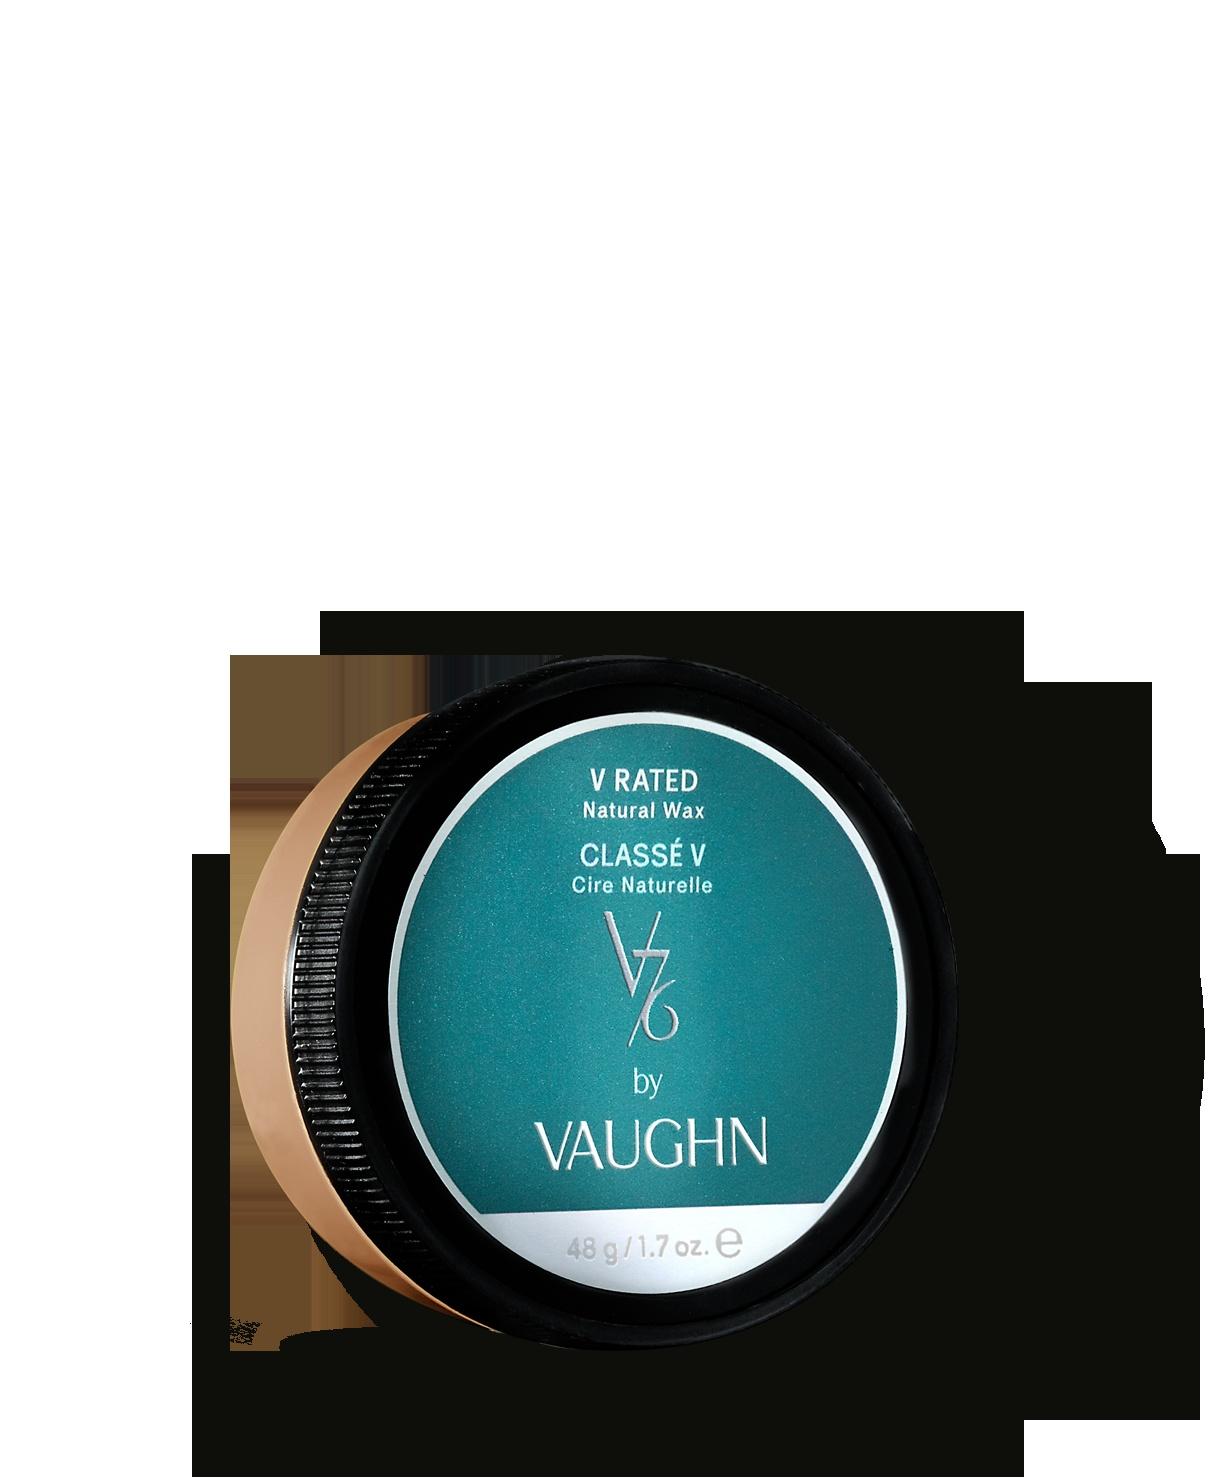 V Rated Natural Wax